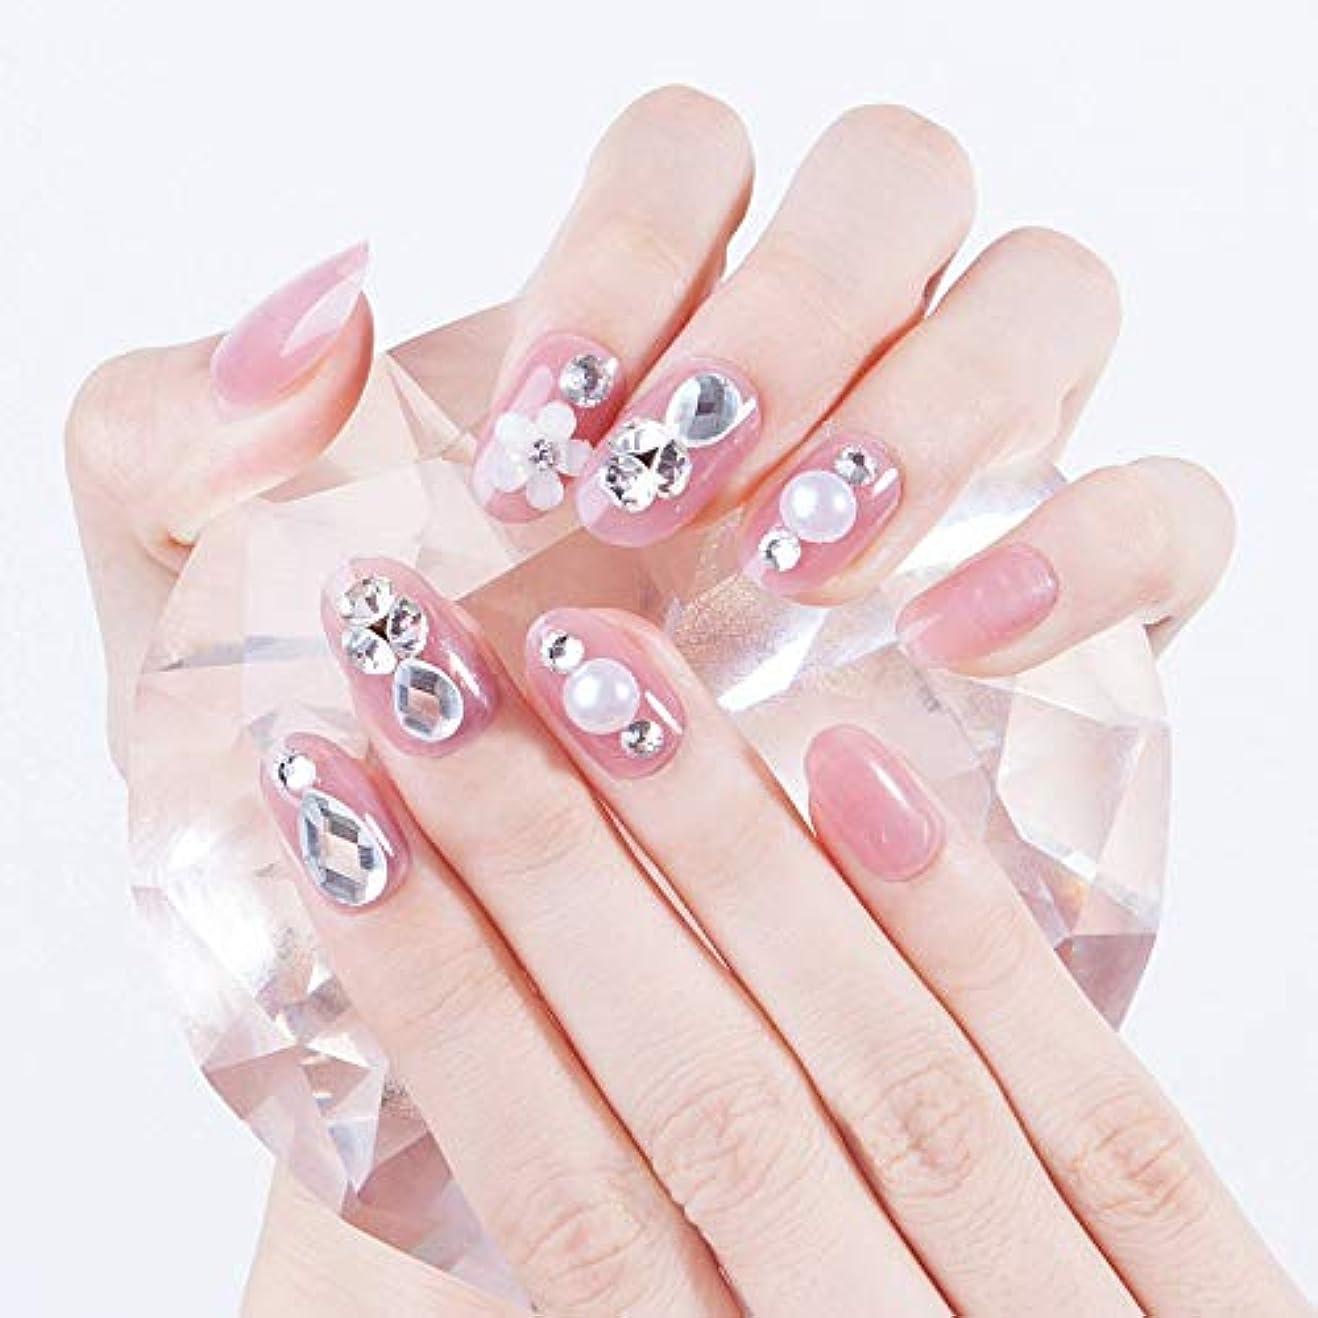 無視教磁器スウィートピンク 水滴タイプアクリルや3D花飾り、キラキララインストーンなどのデコレーション 花嫁ネイルチップ 手作りつけ爪 ネイルジュエリー ネイルアート